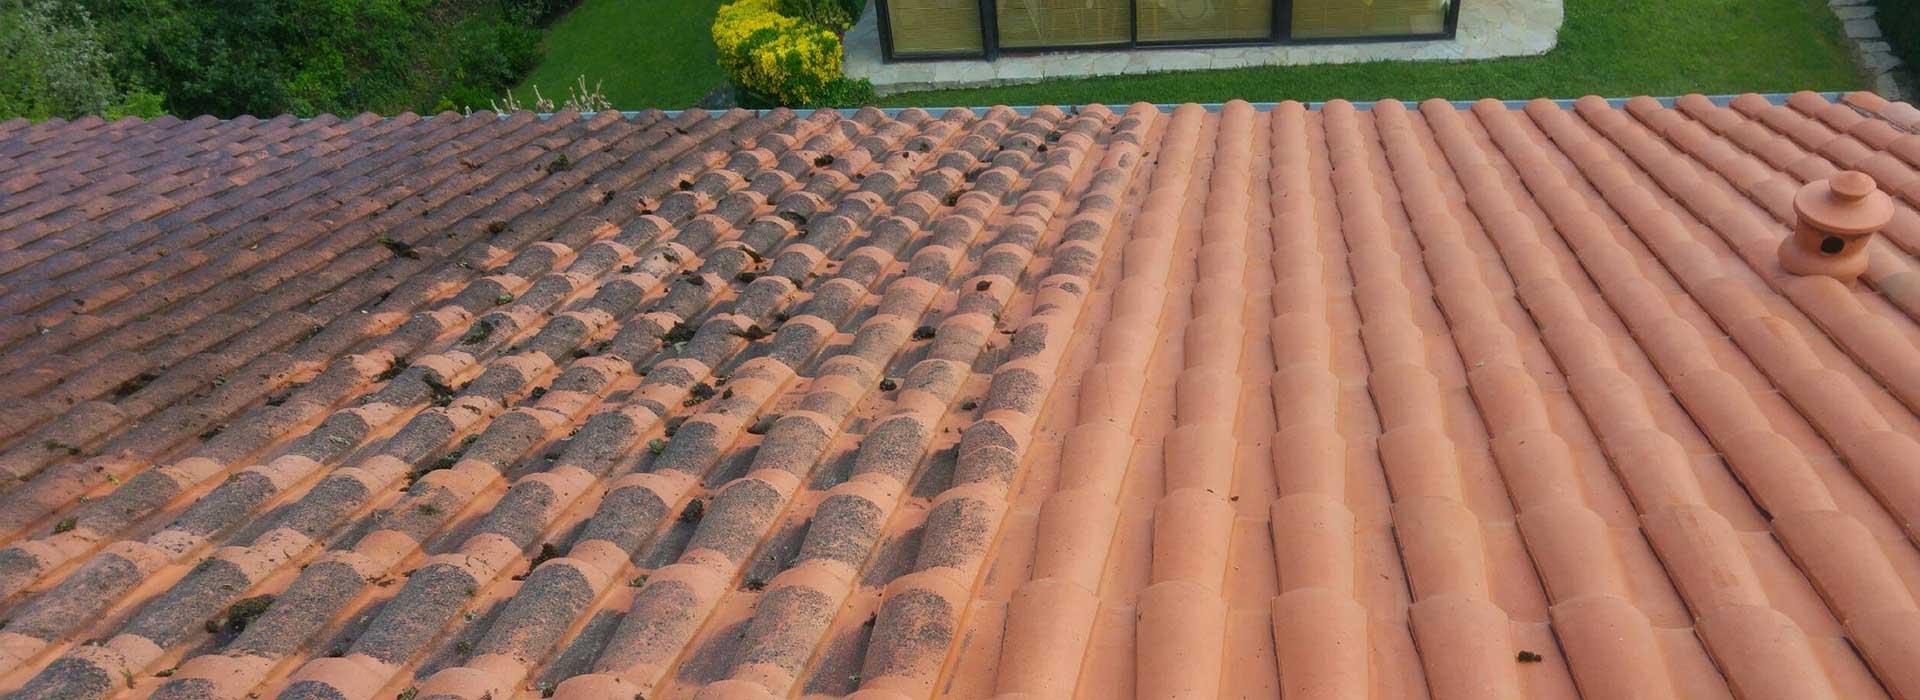 Nettoyage des toitures au pays basque dans les landes et dans le béarn